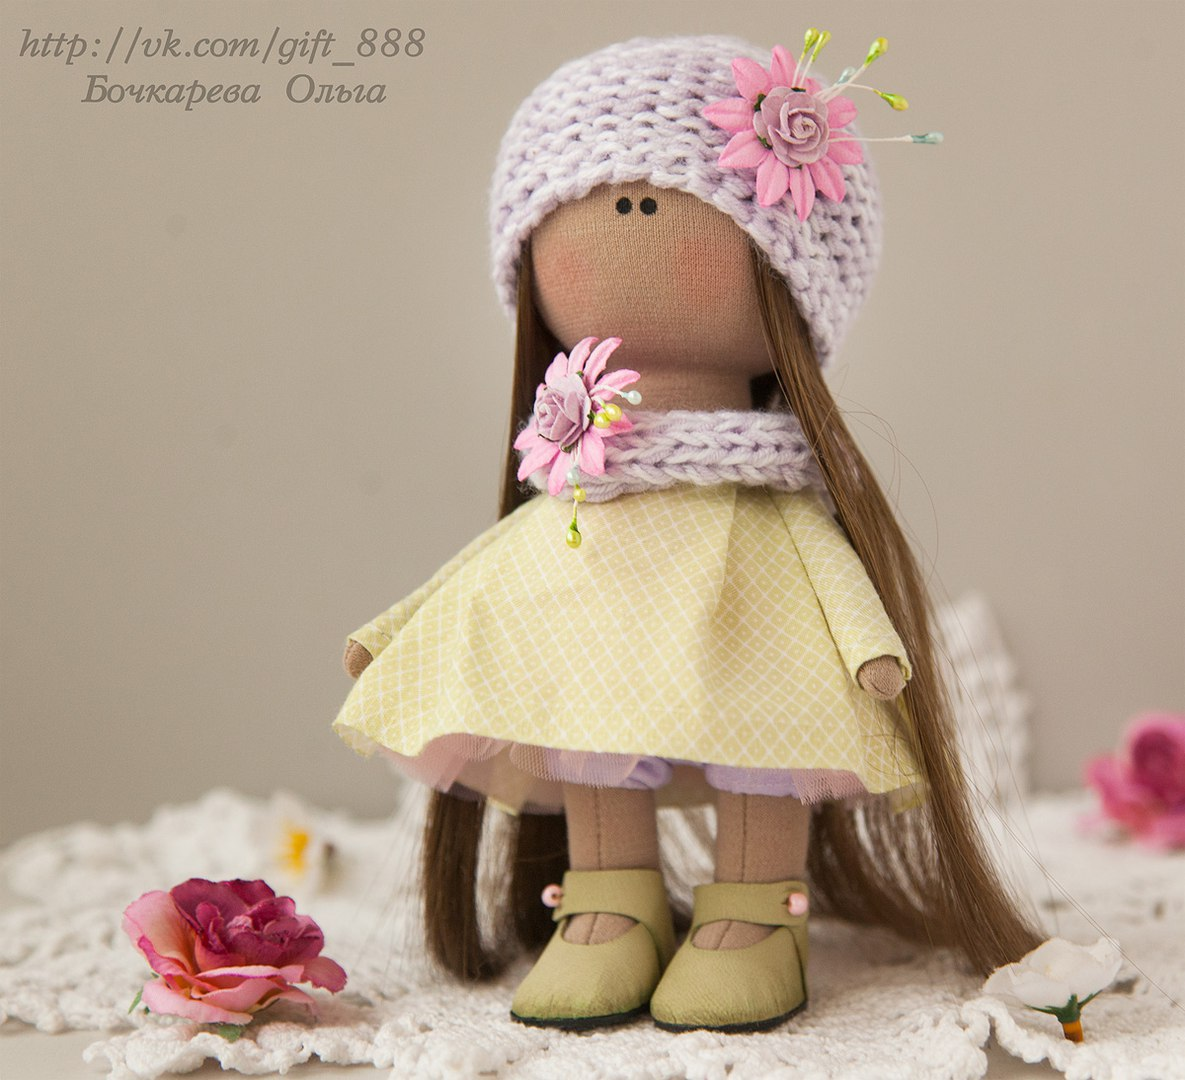 Куклы - Страница 34 IX2b2luuedo